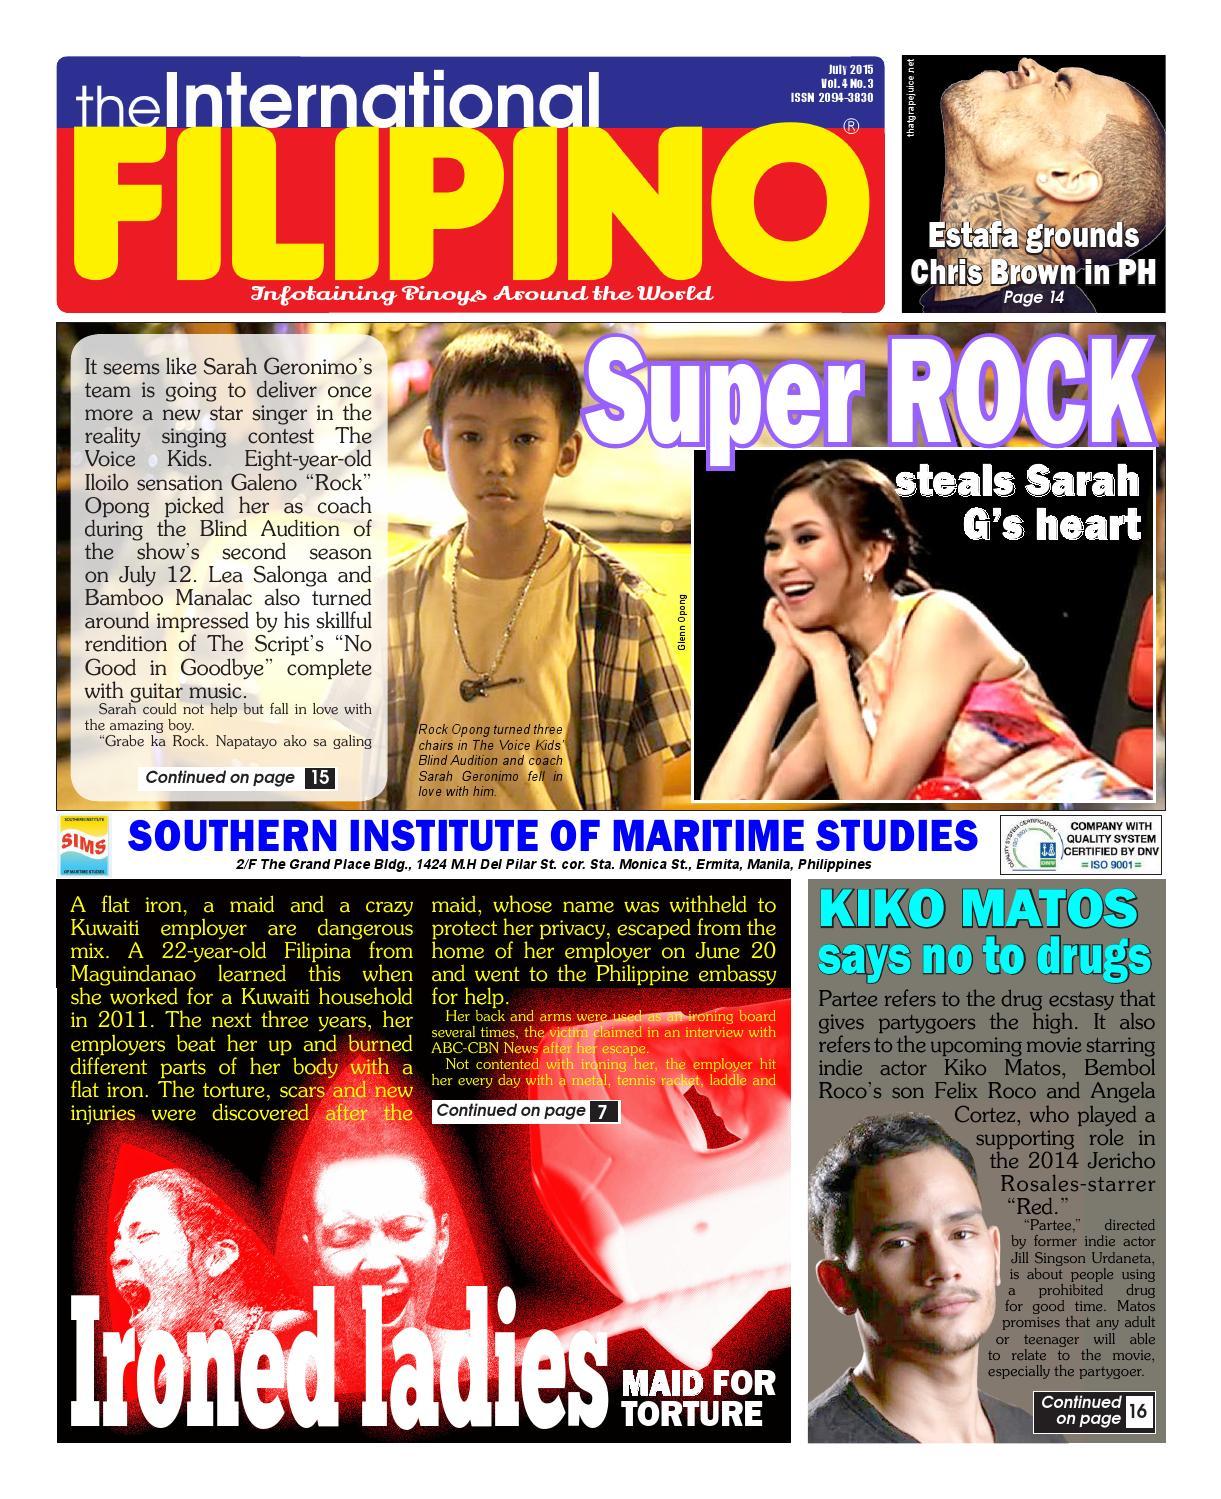 The International Filipino July 2015 by The International